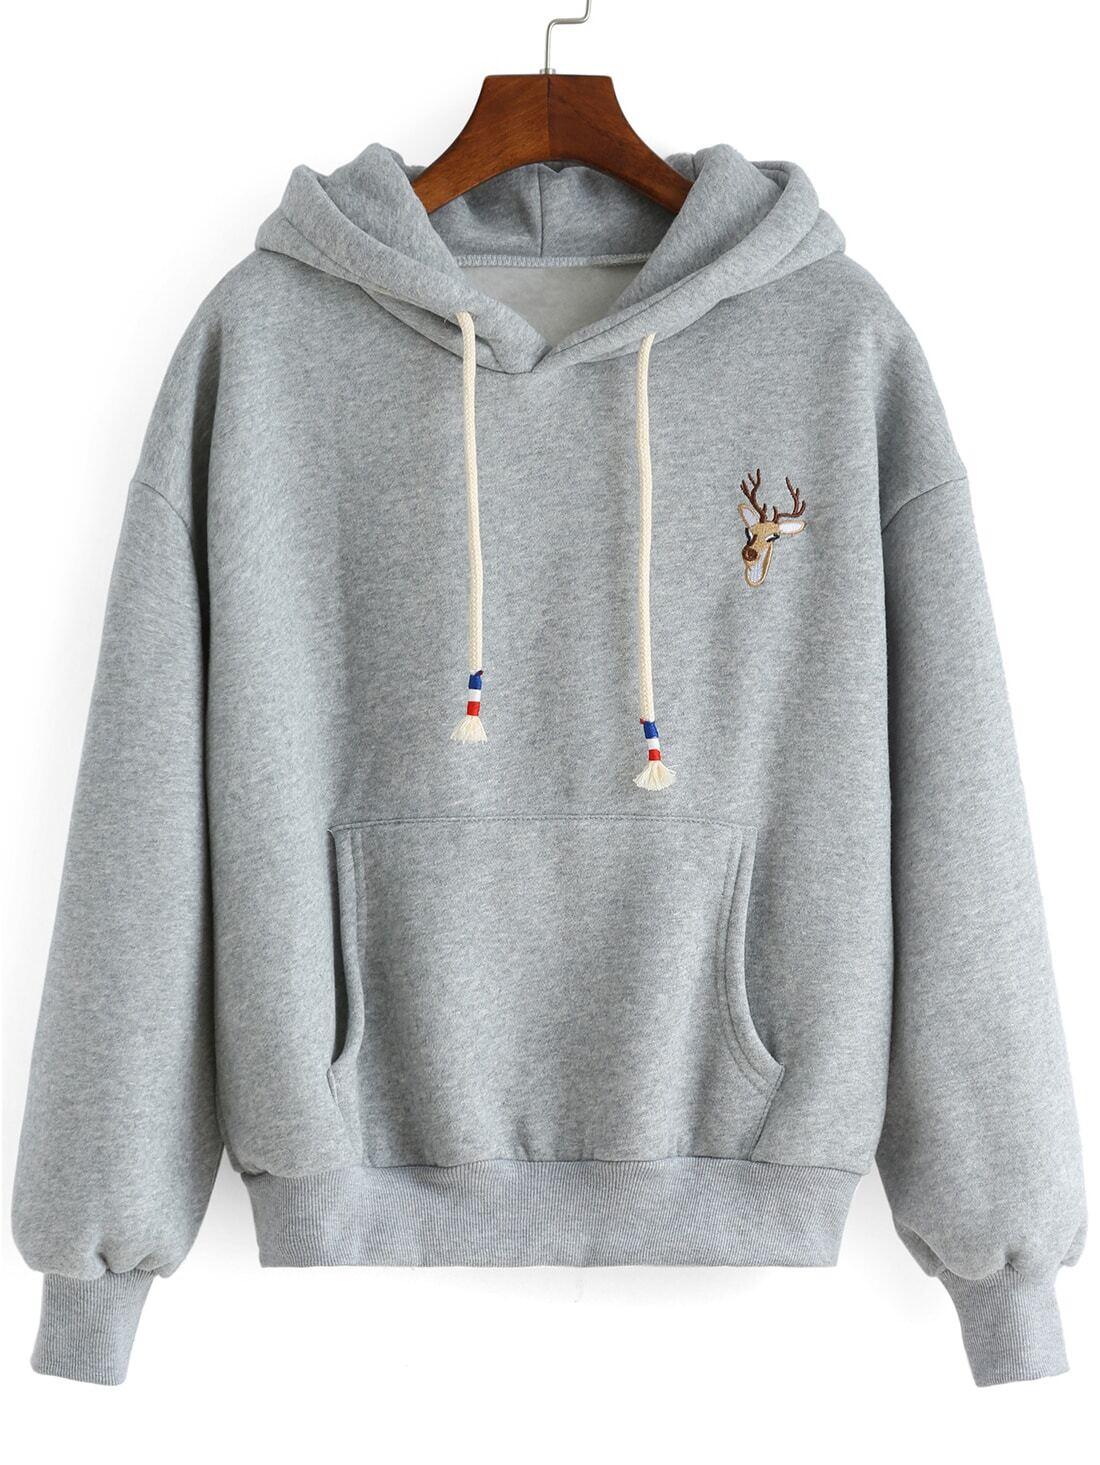 Sweatshirt  capuche avec broderie cerf grosFrench SheInSheinside